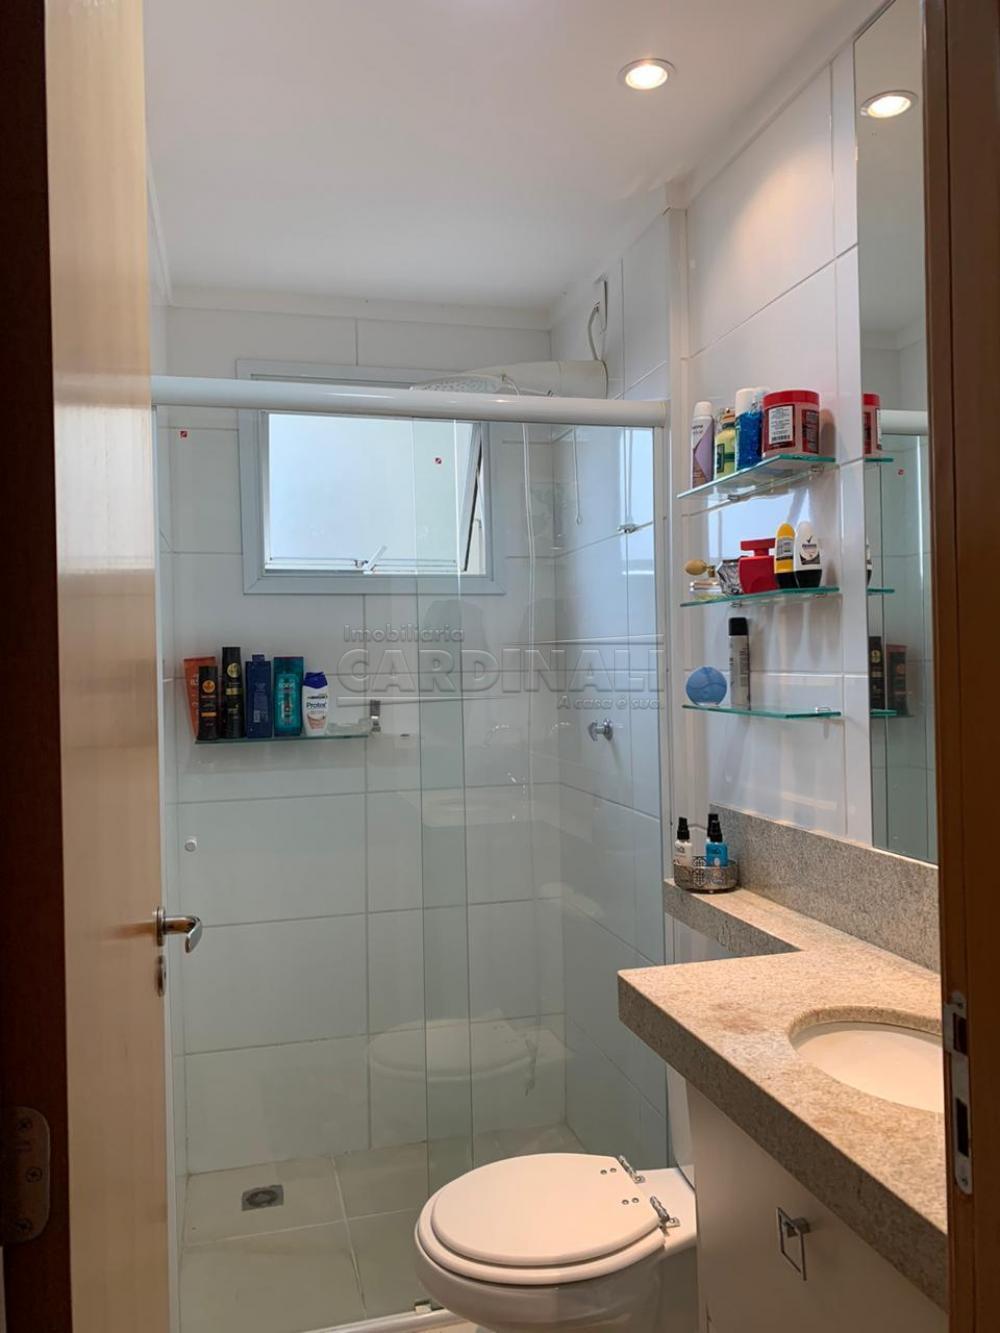 Comprar Apartamento / Padrão em São Carlos apenas R$ 455.000,00 - Foto 14